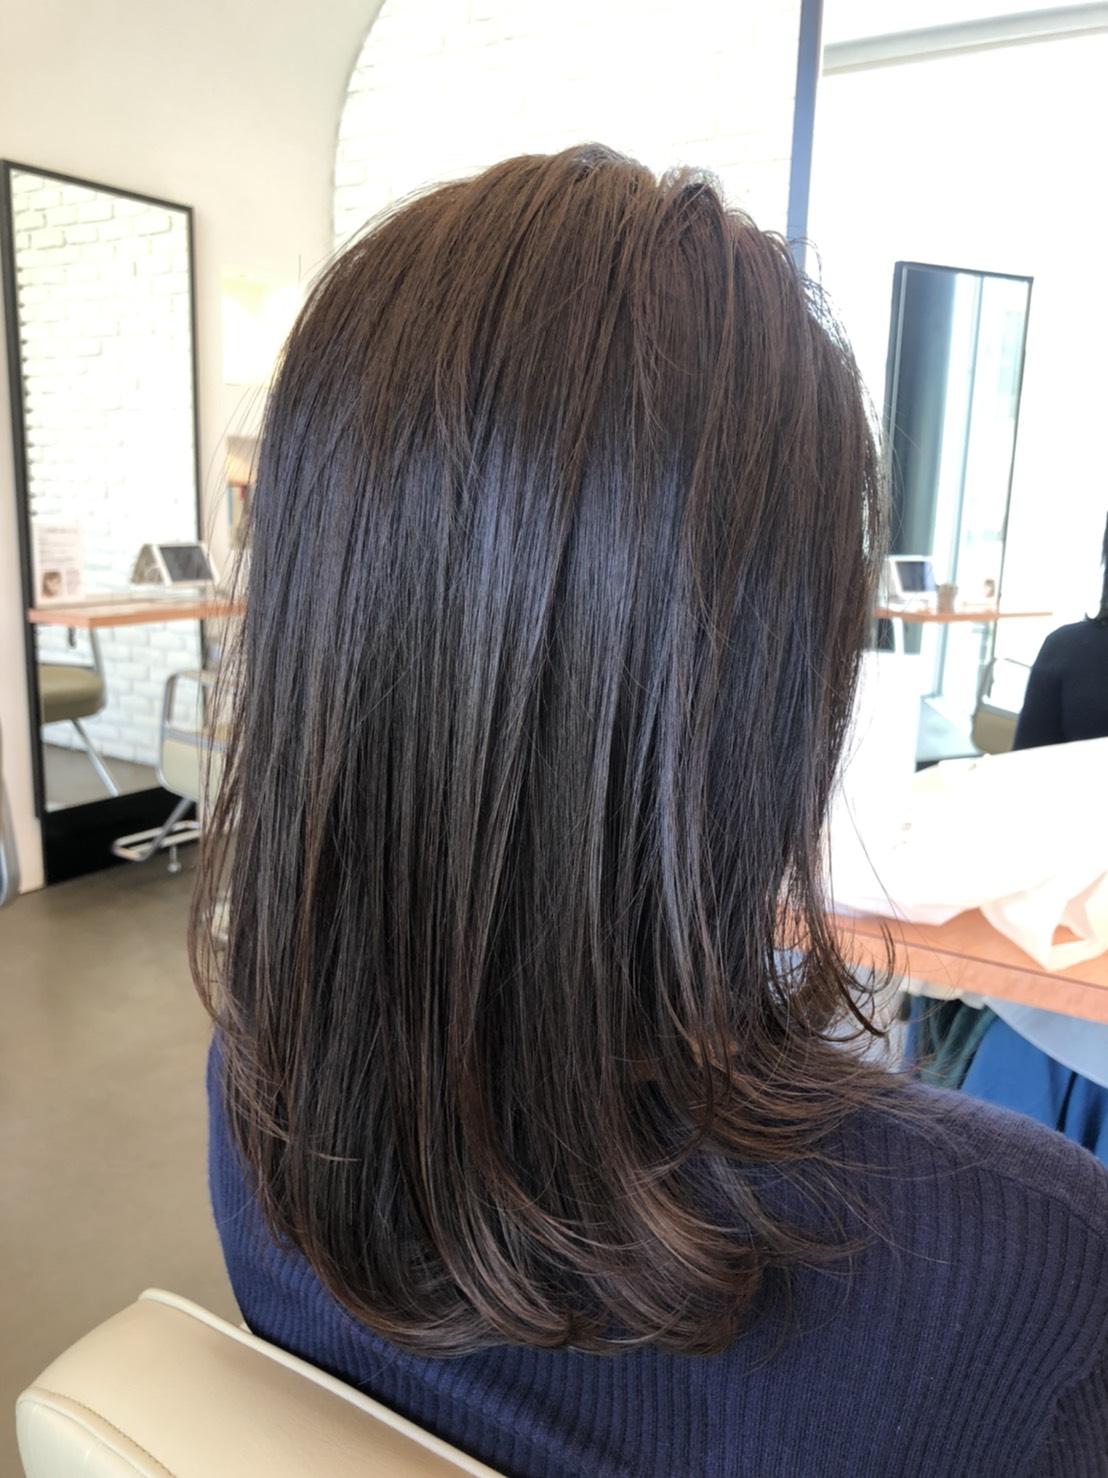 髪質改善っていうけど本当に髪質って改善できるのか?